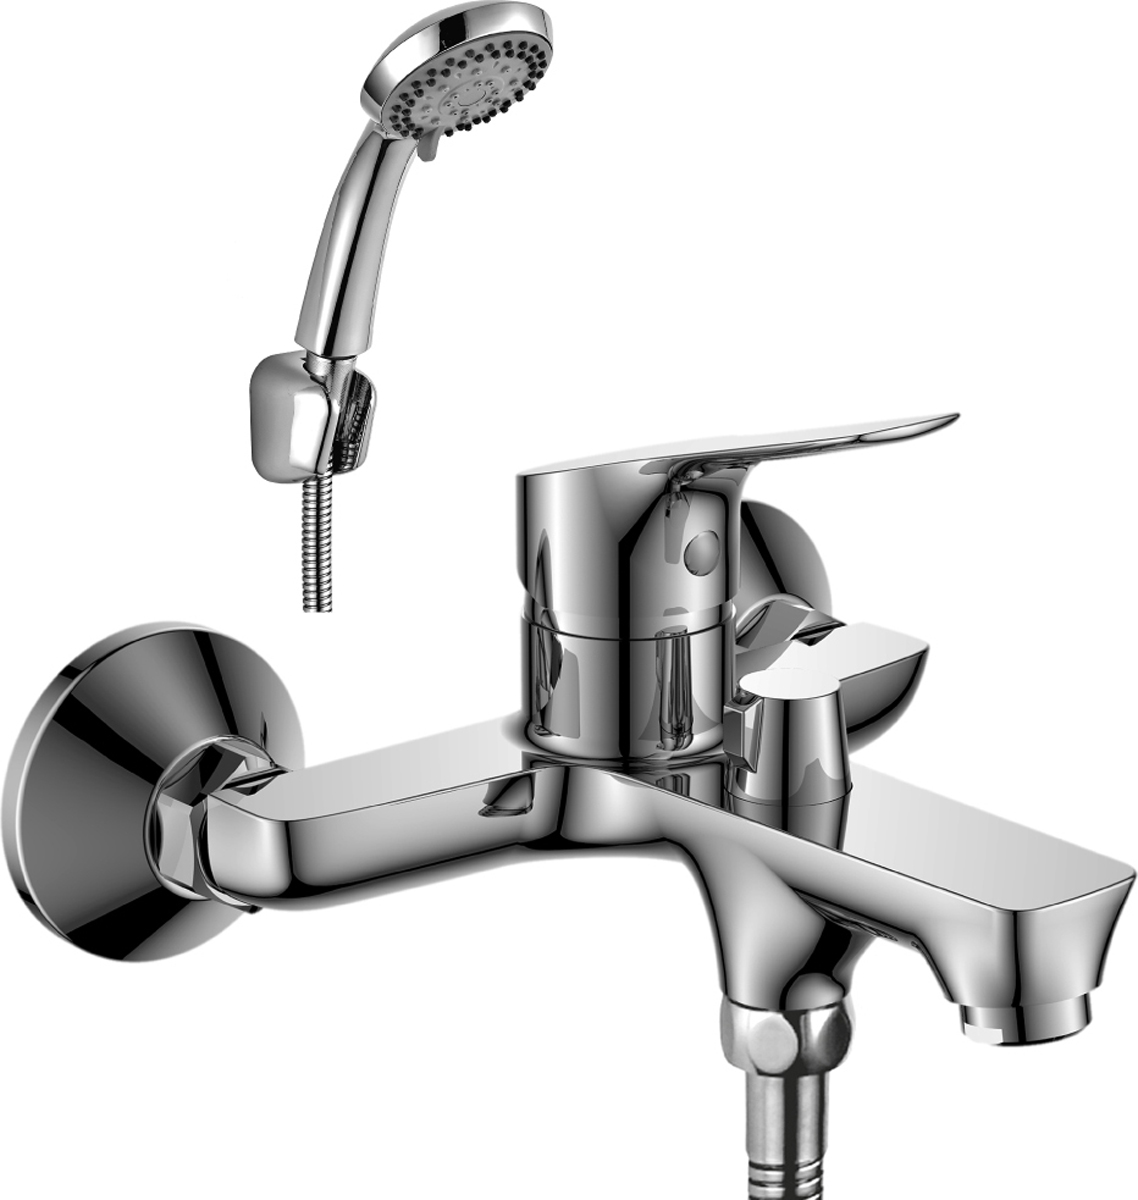 Смеситель Rossinka, для ванны. RS29-31RS29-31Смеситель для ванны с монолитным изливом Rossinka изготовлен высококачественного металла. Комплектация:Пластиковый аэратор с функцией легкой очистки; Керамический картридж 35 мм; Переключатель с керамическими пластинами; Аксессуары: (шланг 1,5 м, настенное крепление, 5-функциональная лейка с функцией легкой очистки); Присоединительная группа (эксцентрики с отражателями) для вертикального крепления; Металлическая рукоятка. Смесители Rossinka были разработаны российским институтом НИИ Сантехники, что позволило произвести продукт, максимально подходящий под условия эксплуатации в нашей стране (жесткая вода, частые перепады температуры и напора воды).НИИ Сантехники рекомендует установку смесителей Rossinka в жилых помещениях, в детских, лечебно-профилактических, дошкольных и школьных учреждениях.Наличие международного сертификата ISO 9001 гарантирует стабильность качества выпускаемой продукции.Сервисная сеть насчитывает 90 гарантийных мастерских по России и странам СНГ. Плановый срок службы смесителей 30 лет.Гарантия на корпус смесителя при условии использования в бытовых условиях 7 лет.